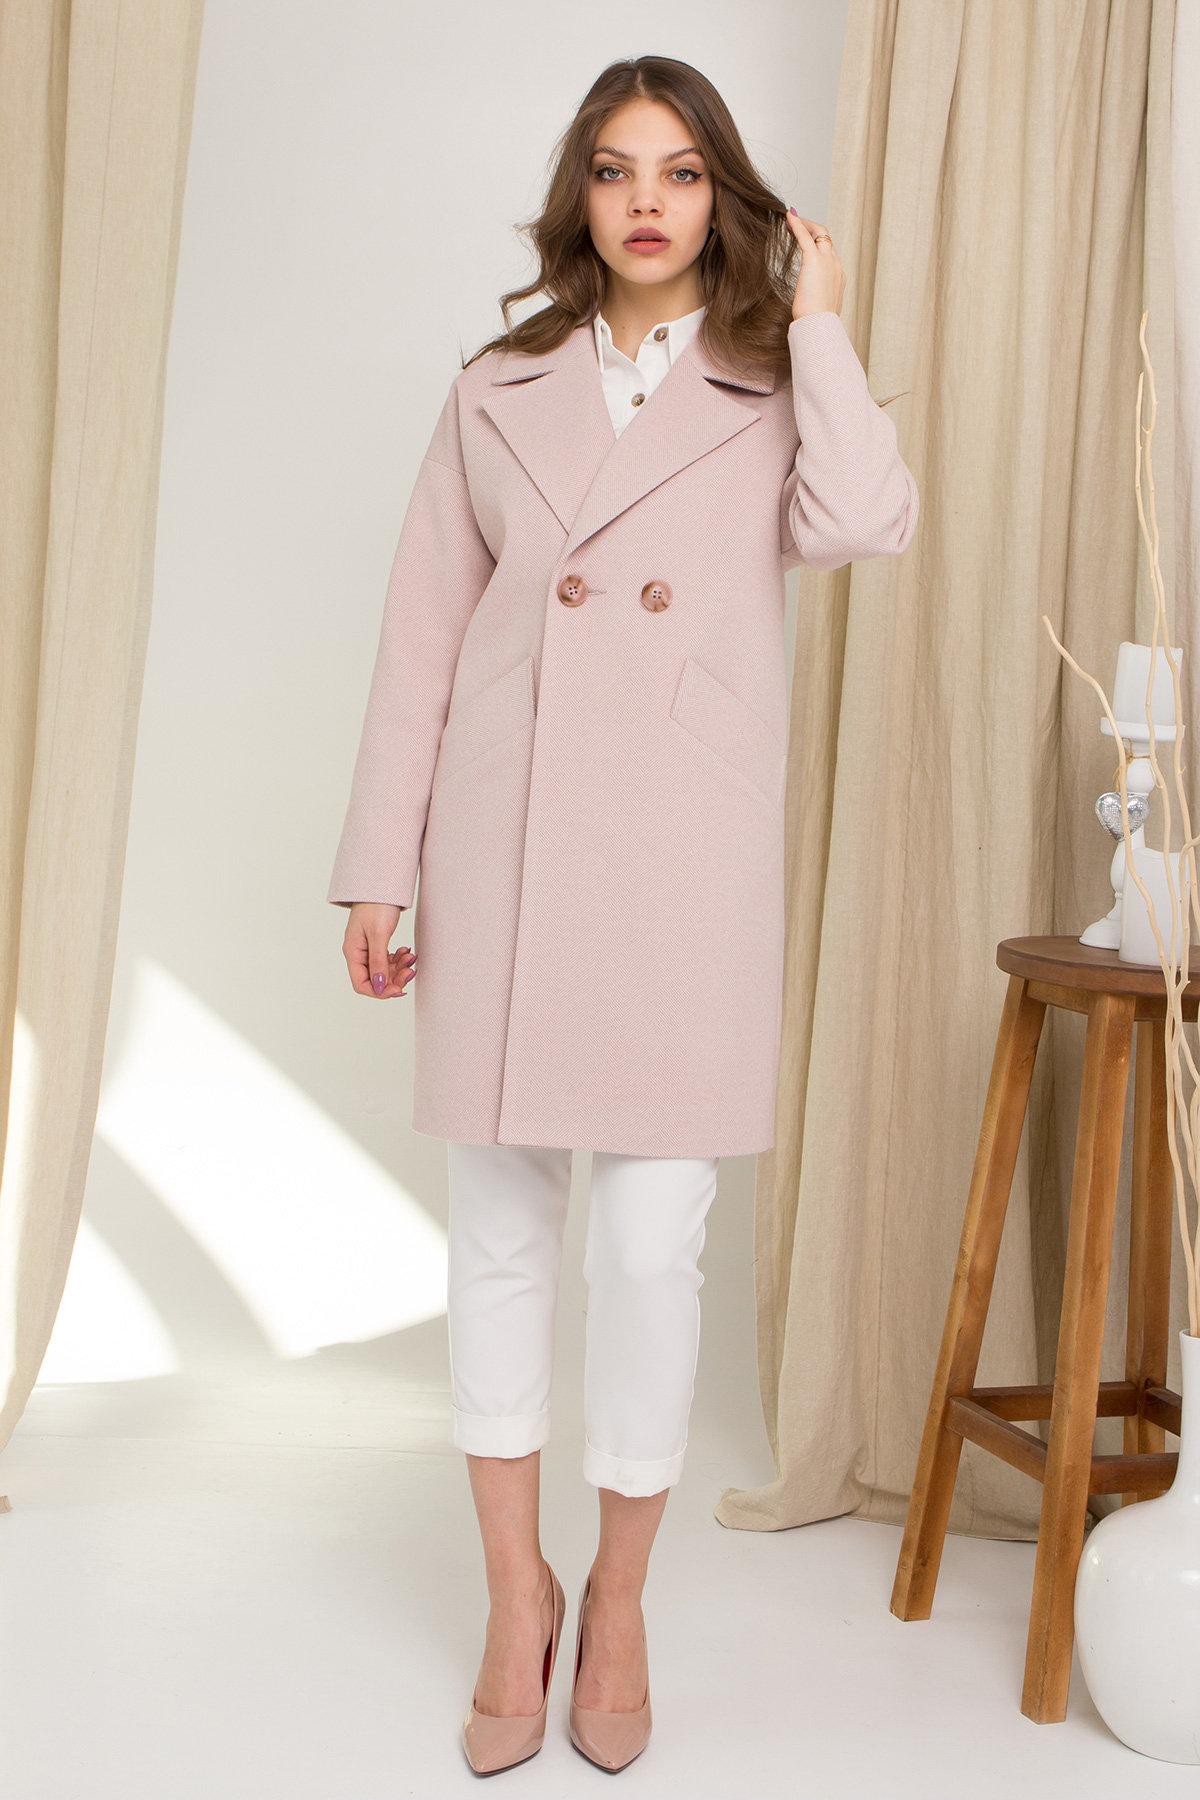 Пальто Сенсей 8905 АРТ. 45316 Цвет: Пудра 2 - фото 1, интернет магазин tm-modus.ru